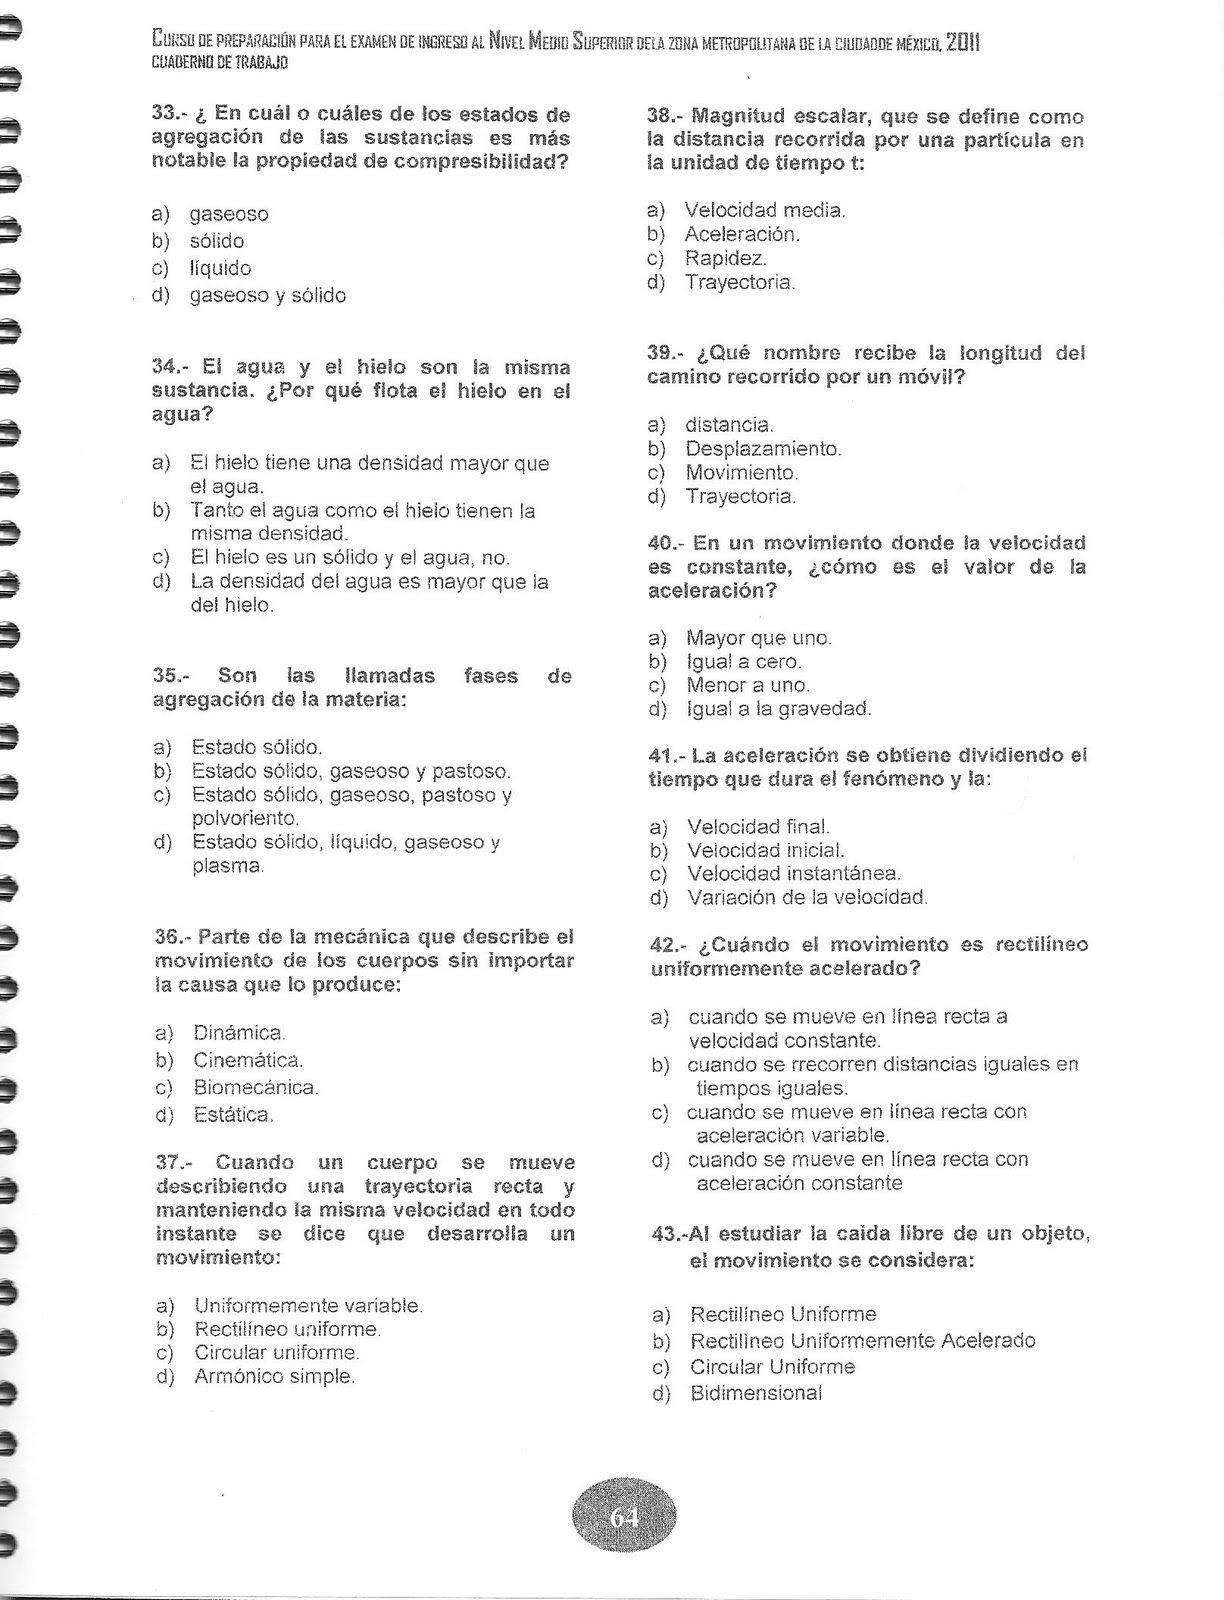 Jesus Fis Quim Fisica Ejercicios Preparacion Examen Ceneval Examen Lecciones De Gramatica Matematicas Bachillerato